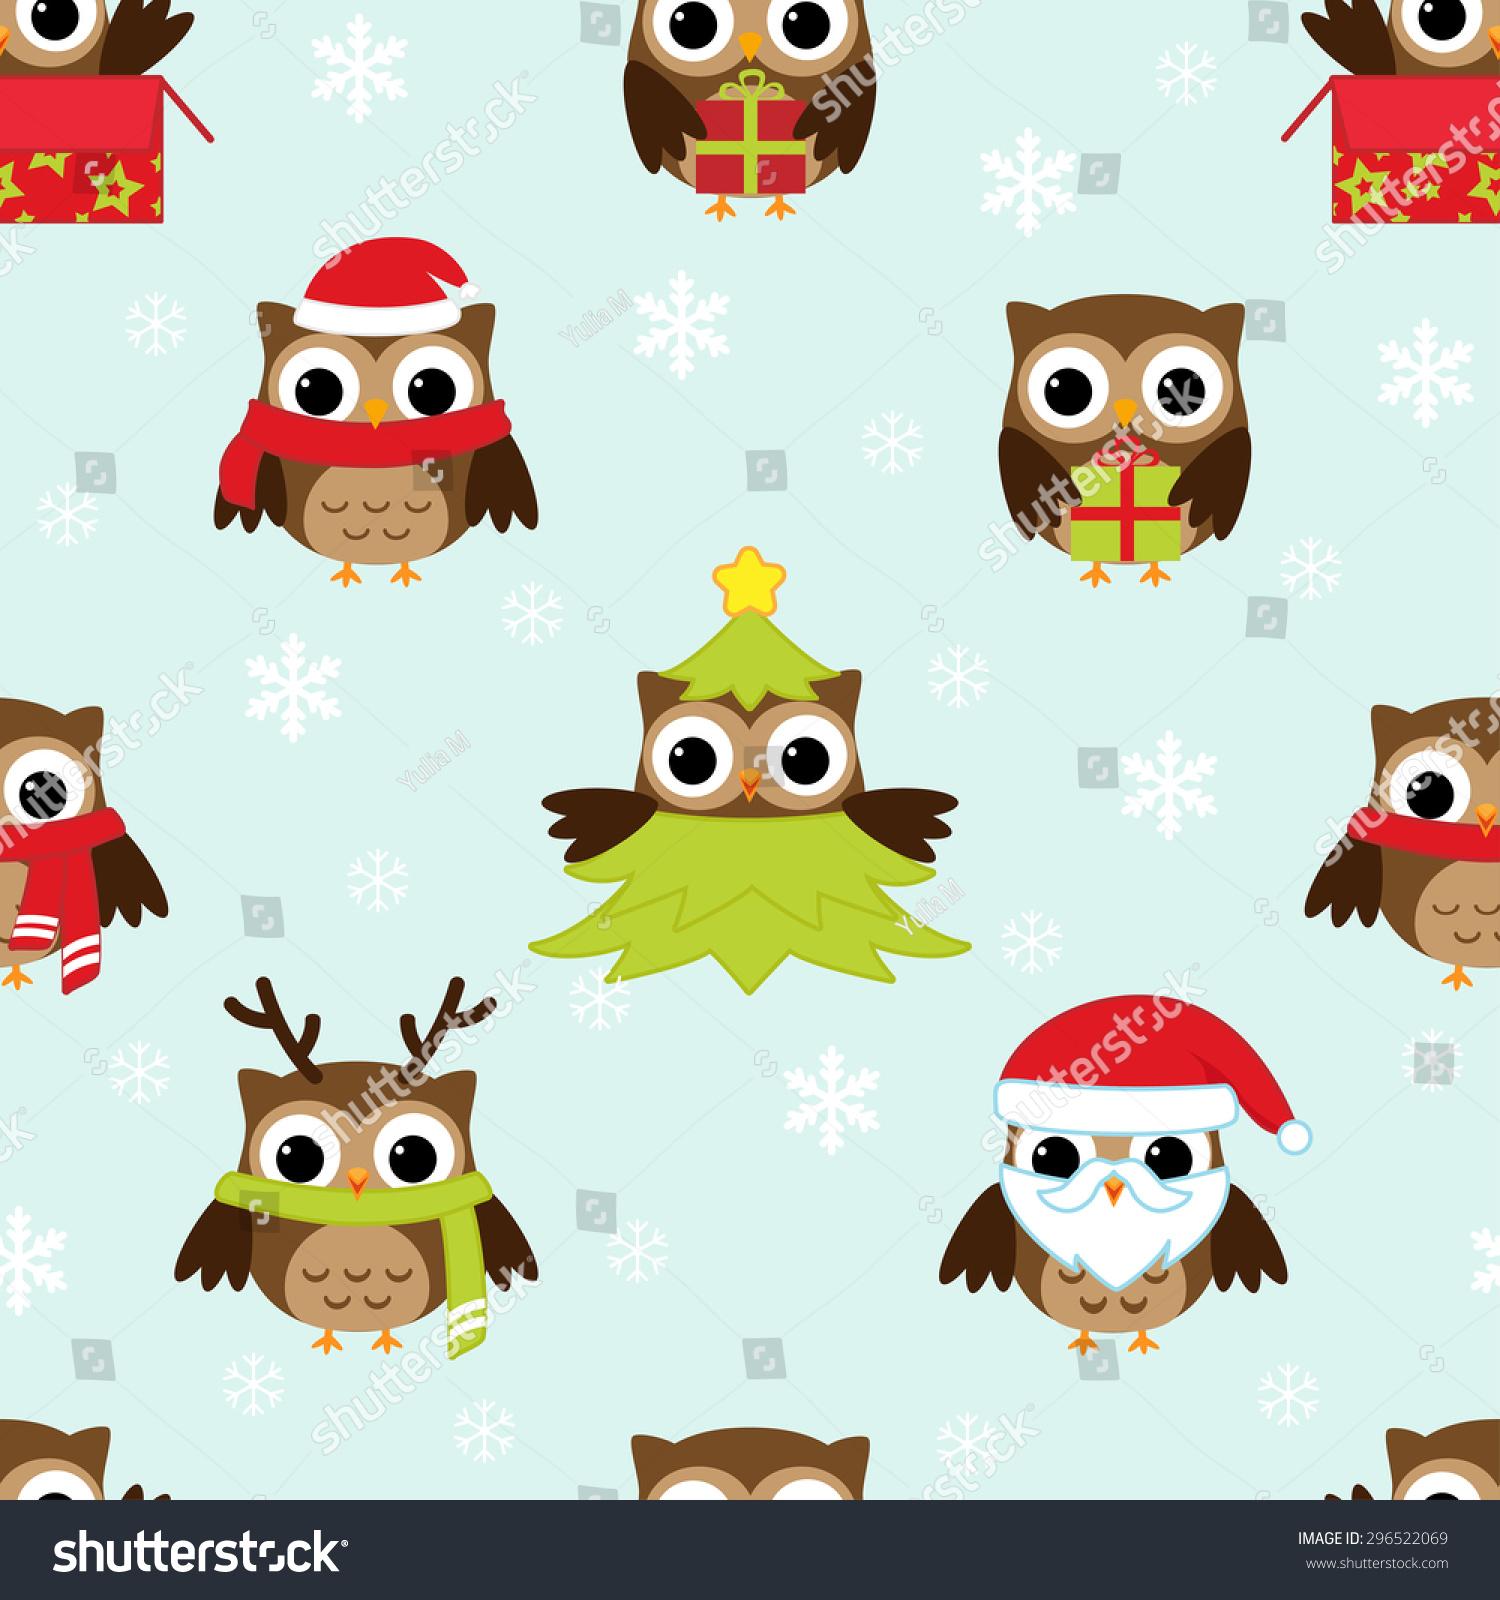 圣诞节和新年的模式与猫头鹰有趣的服装.光栅版-动物